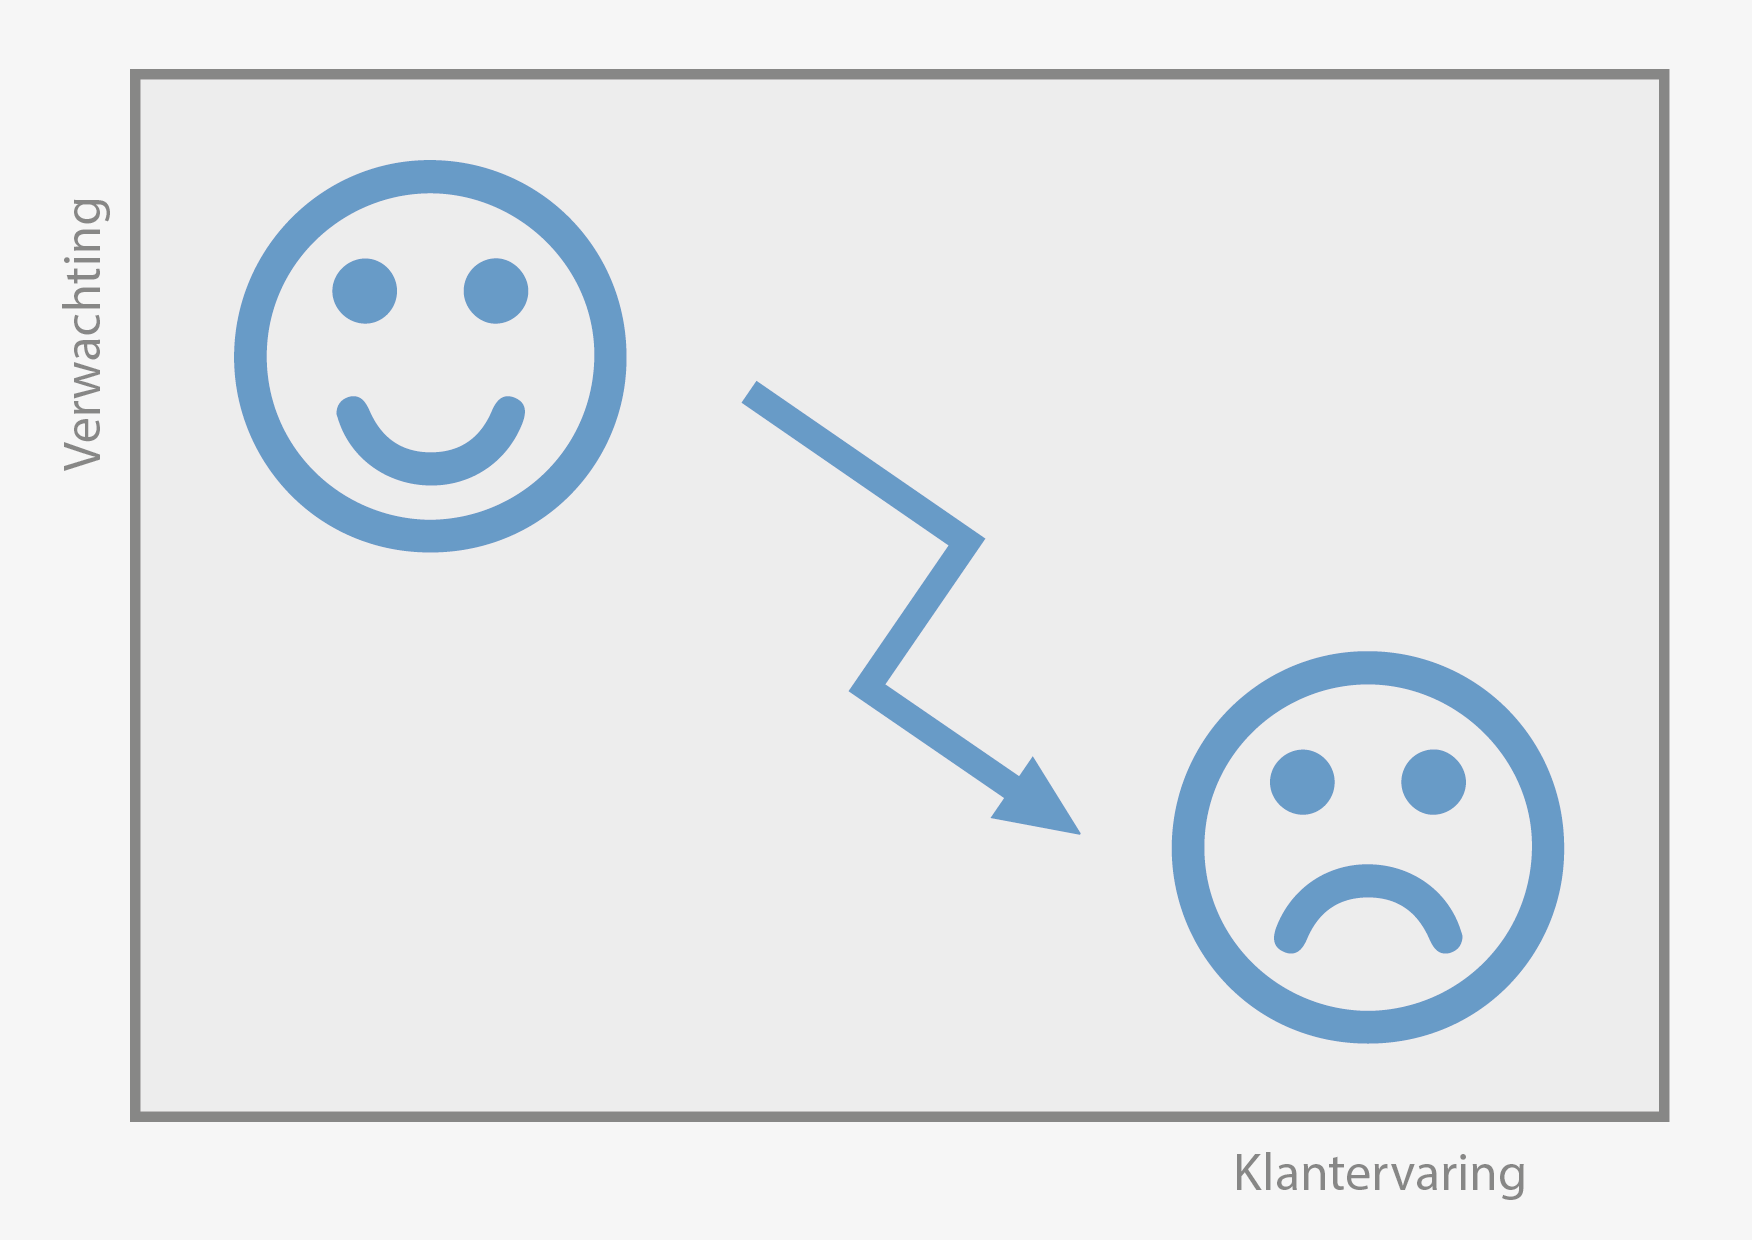 Verwachting vs Klantervaring